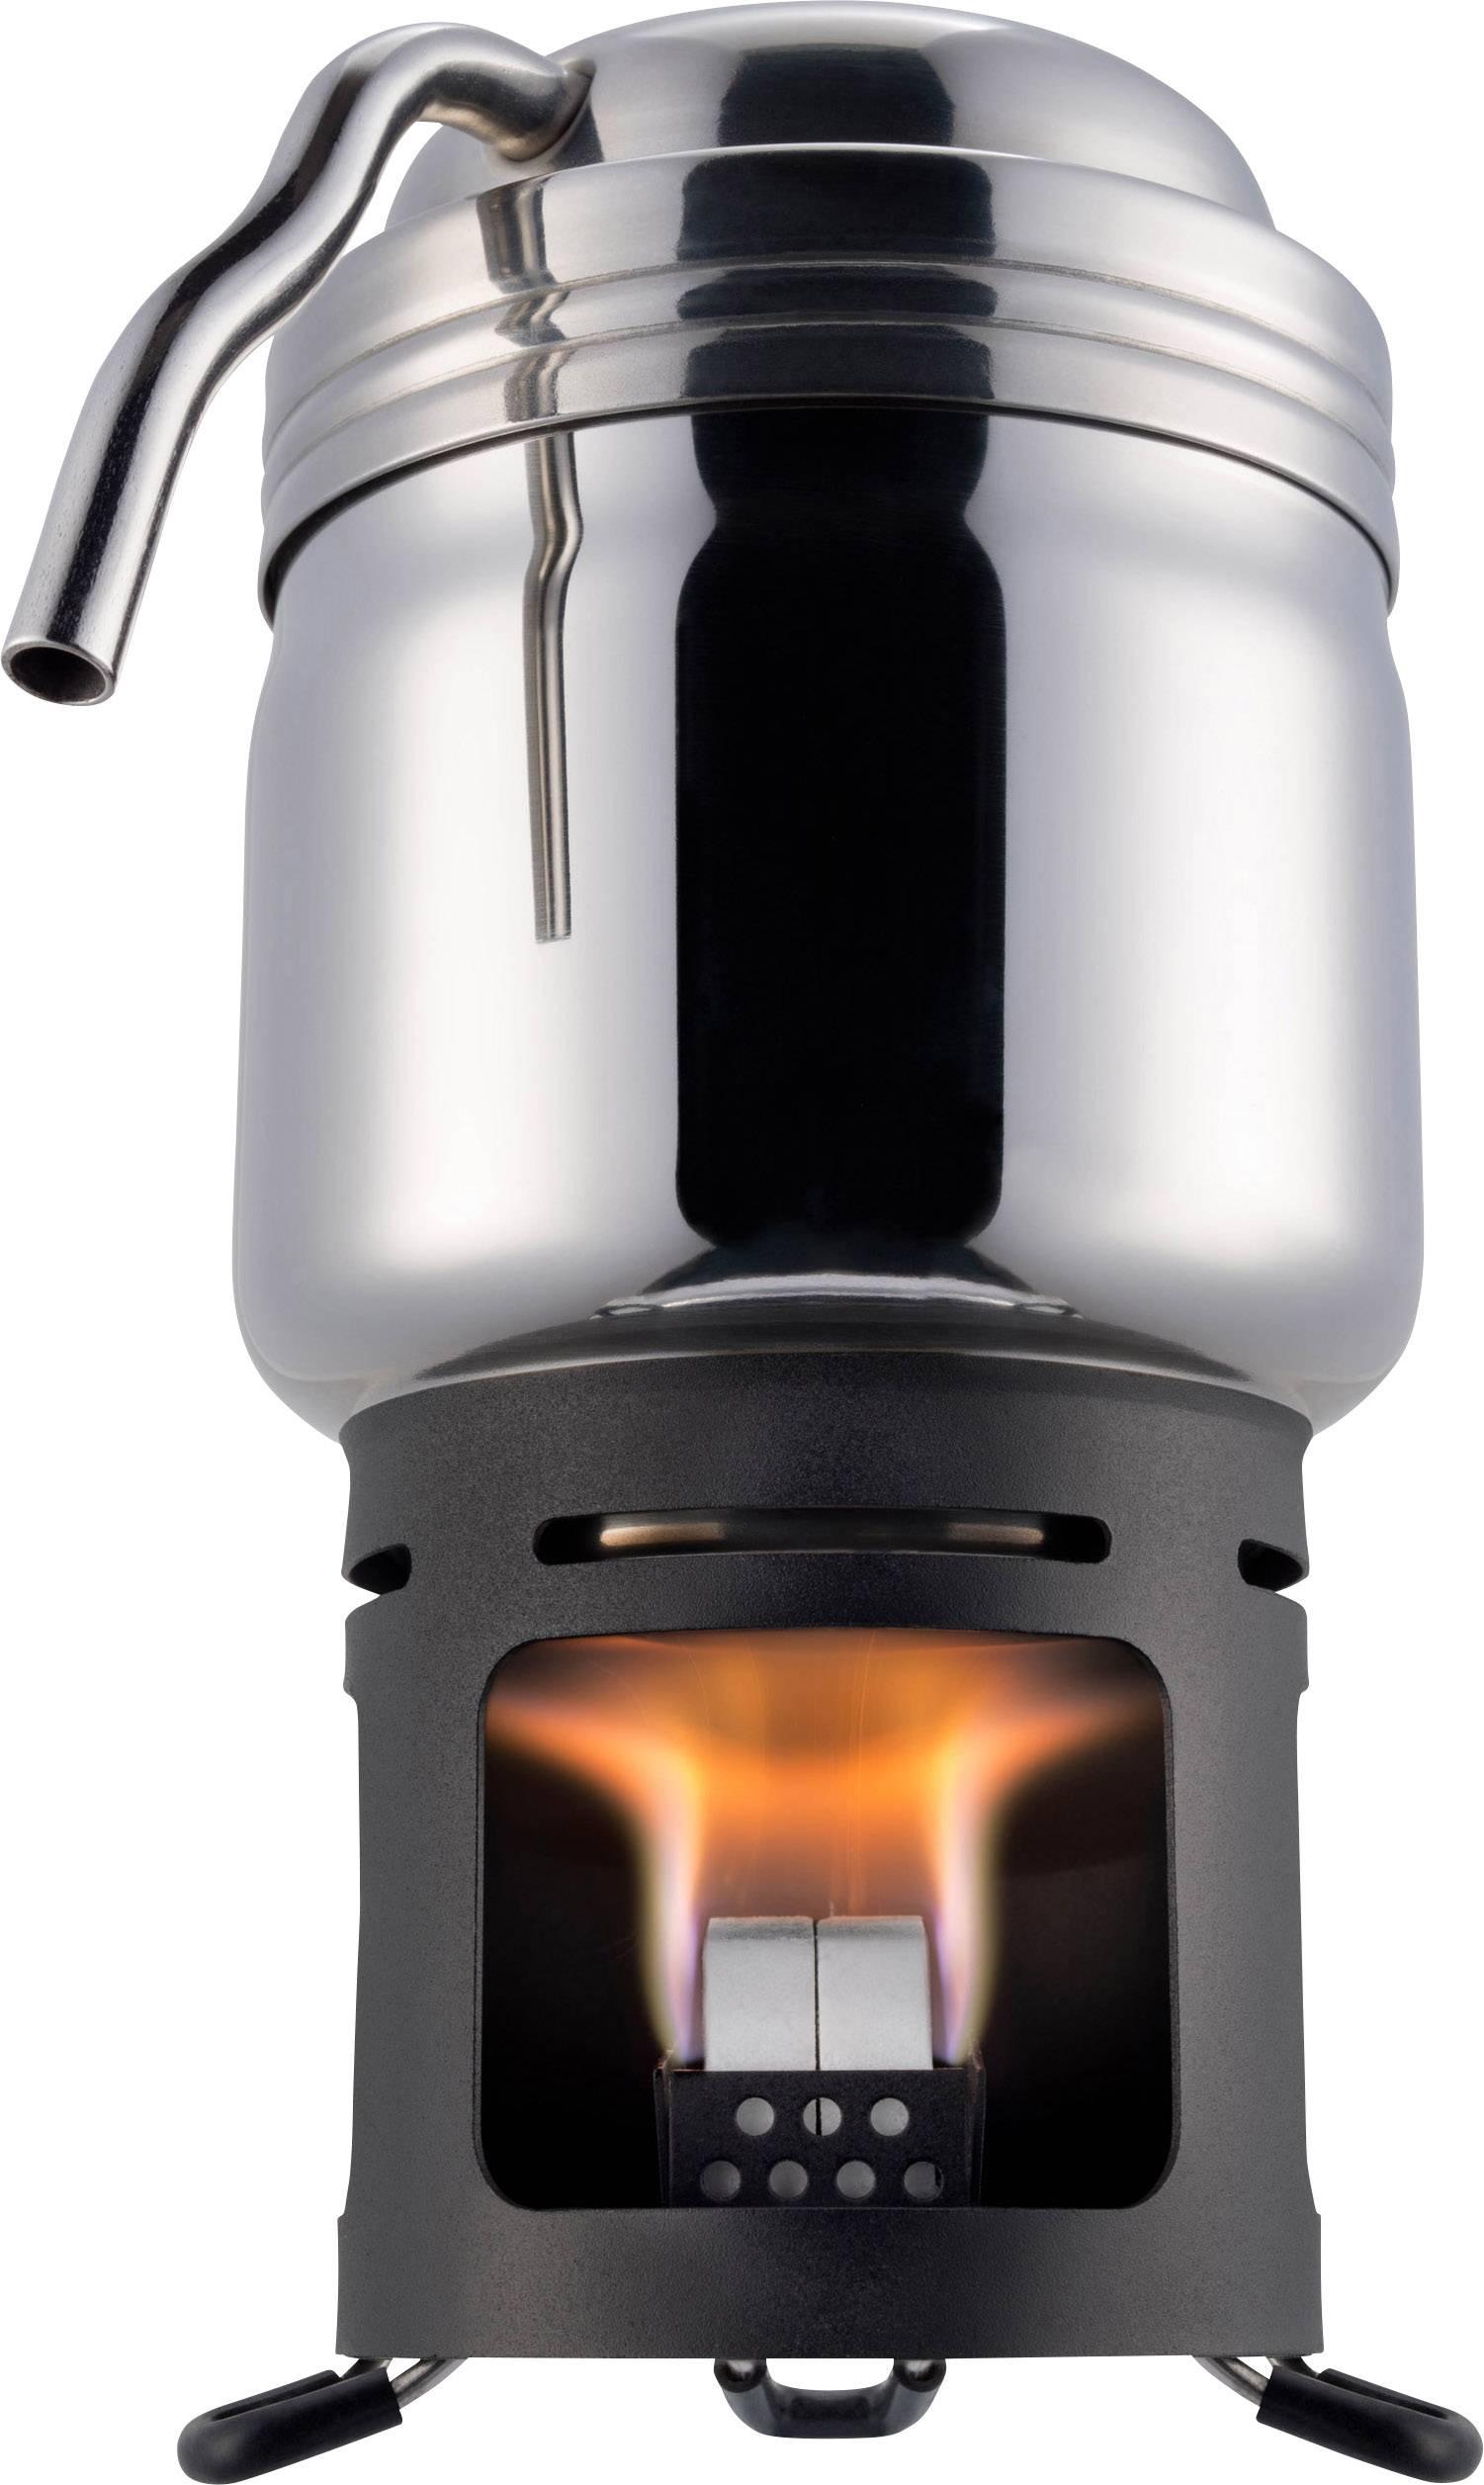 Kempingový vařič Esbit 20102400, nerezová ocel